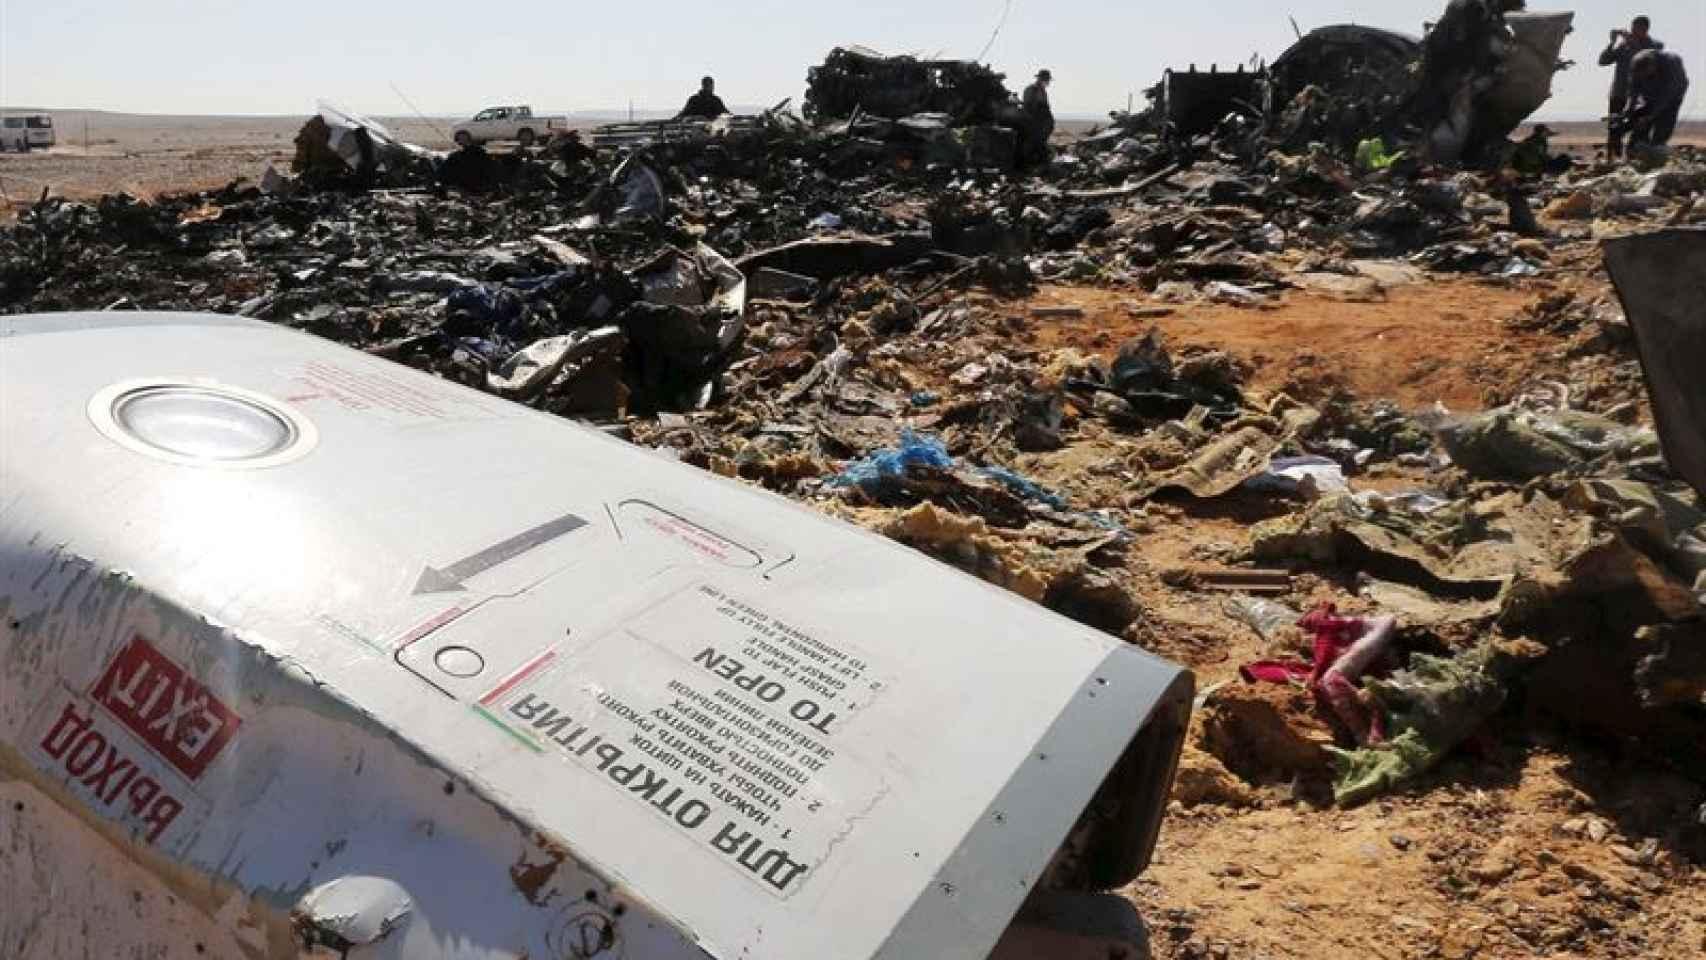 EEUU, al 99,9% seguro de que una bomba derribó el avión ruso en el Sinaí